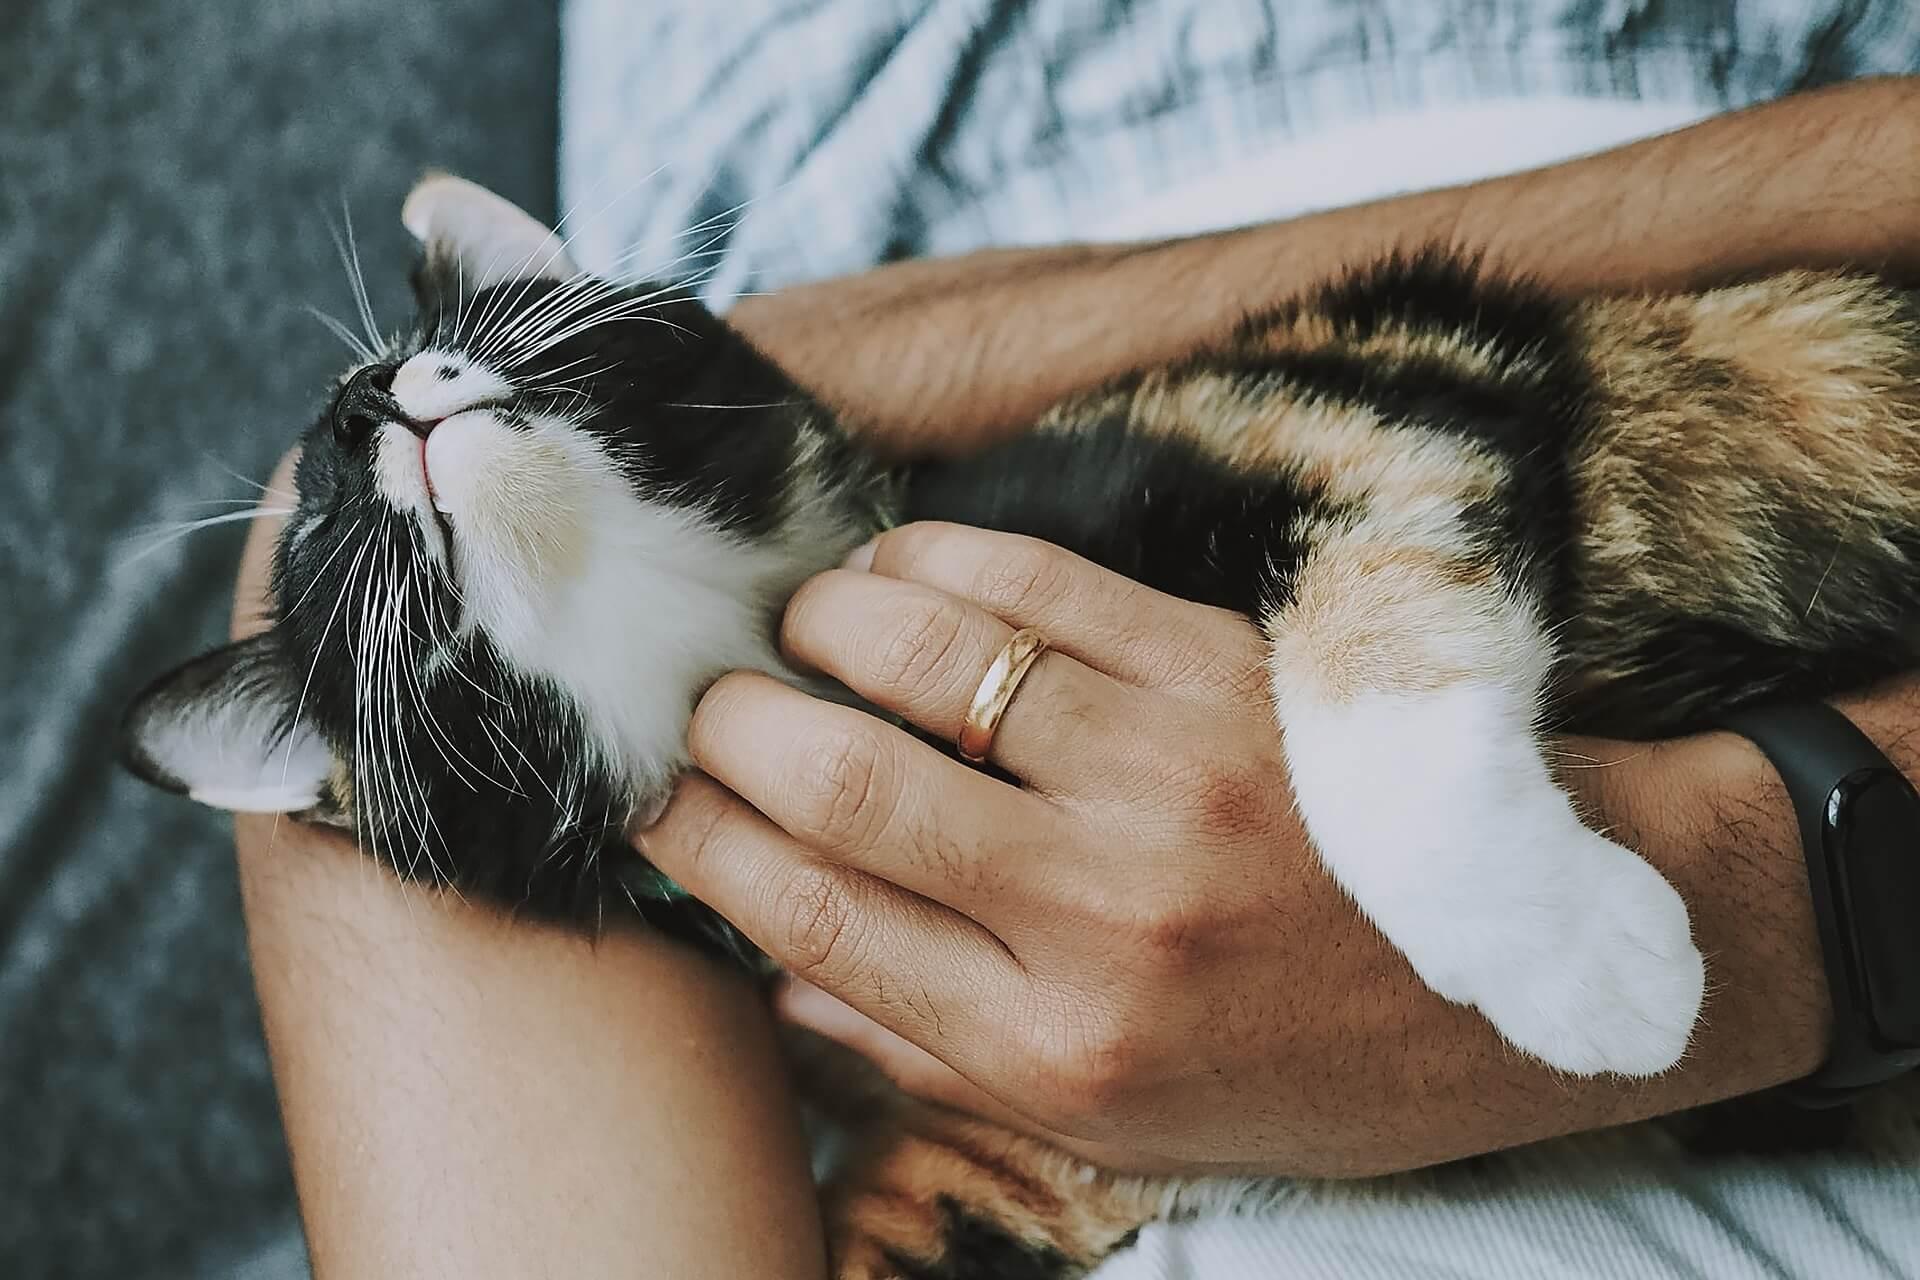 若能在收容所領養一隻健康、聰明的貓咪,讓他有個溫暖的家,相信會是一個更好的選擇